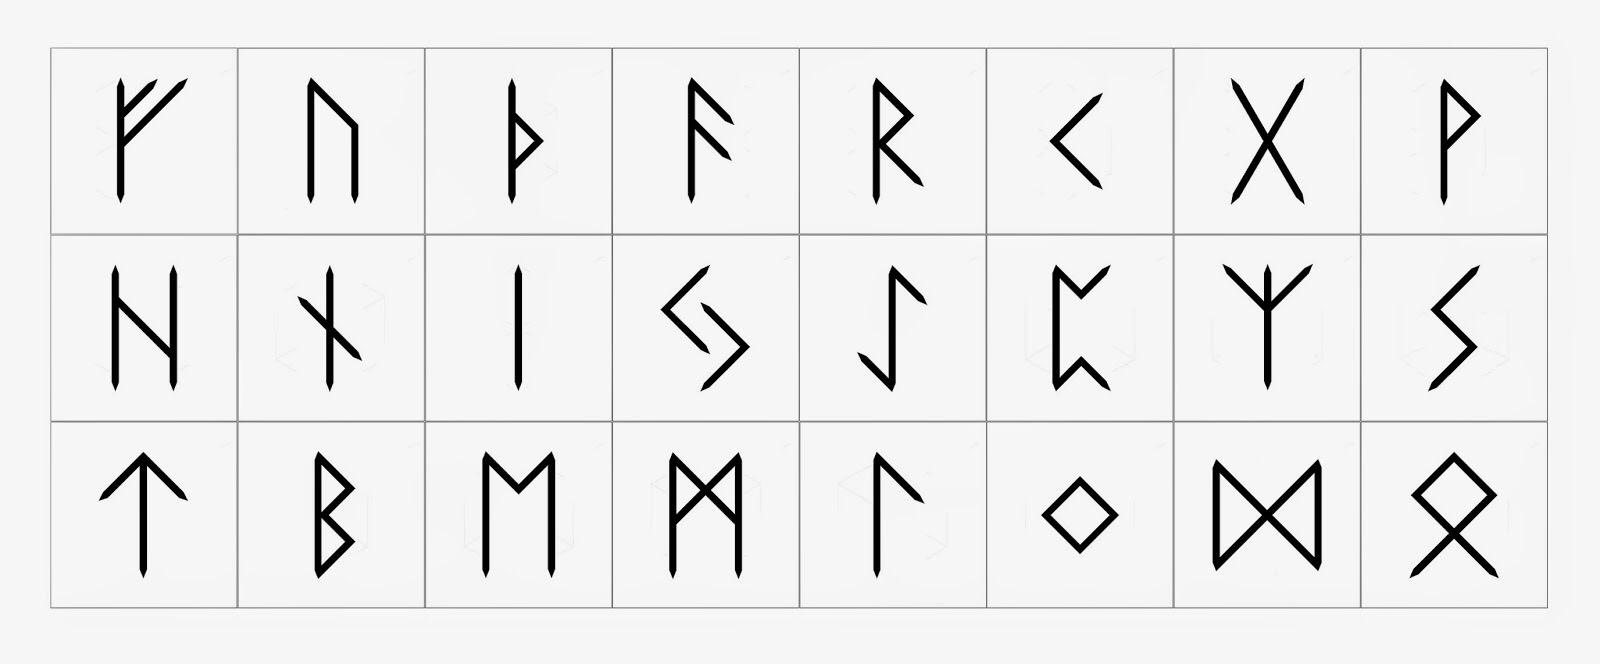 Thần Thoại Bắc Âu – Rune là gì?